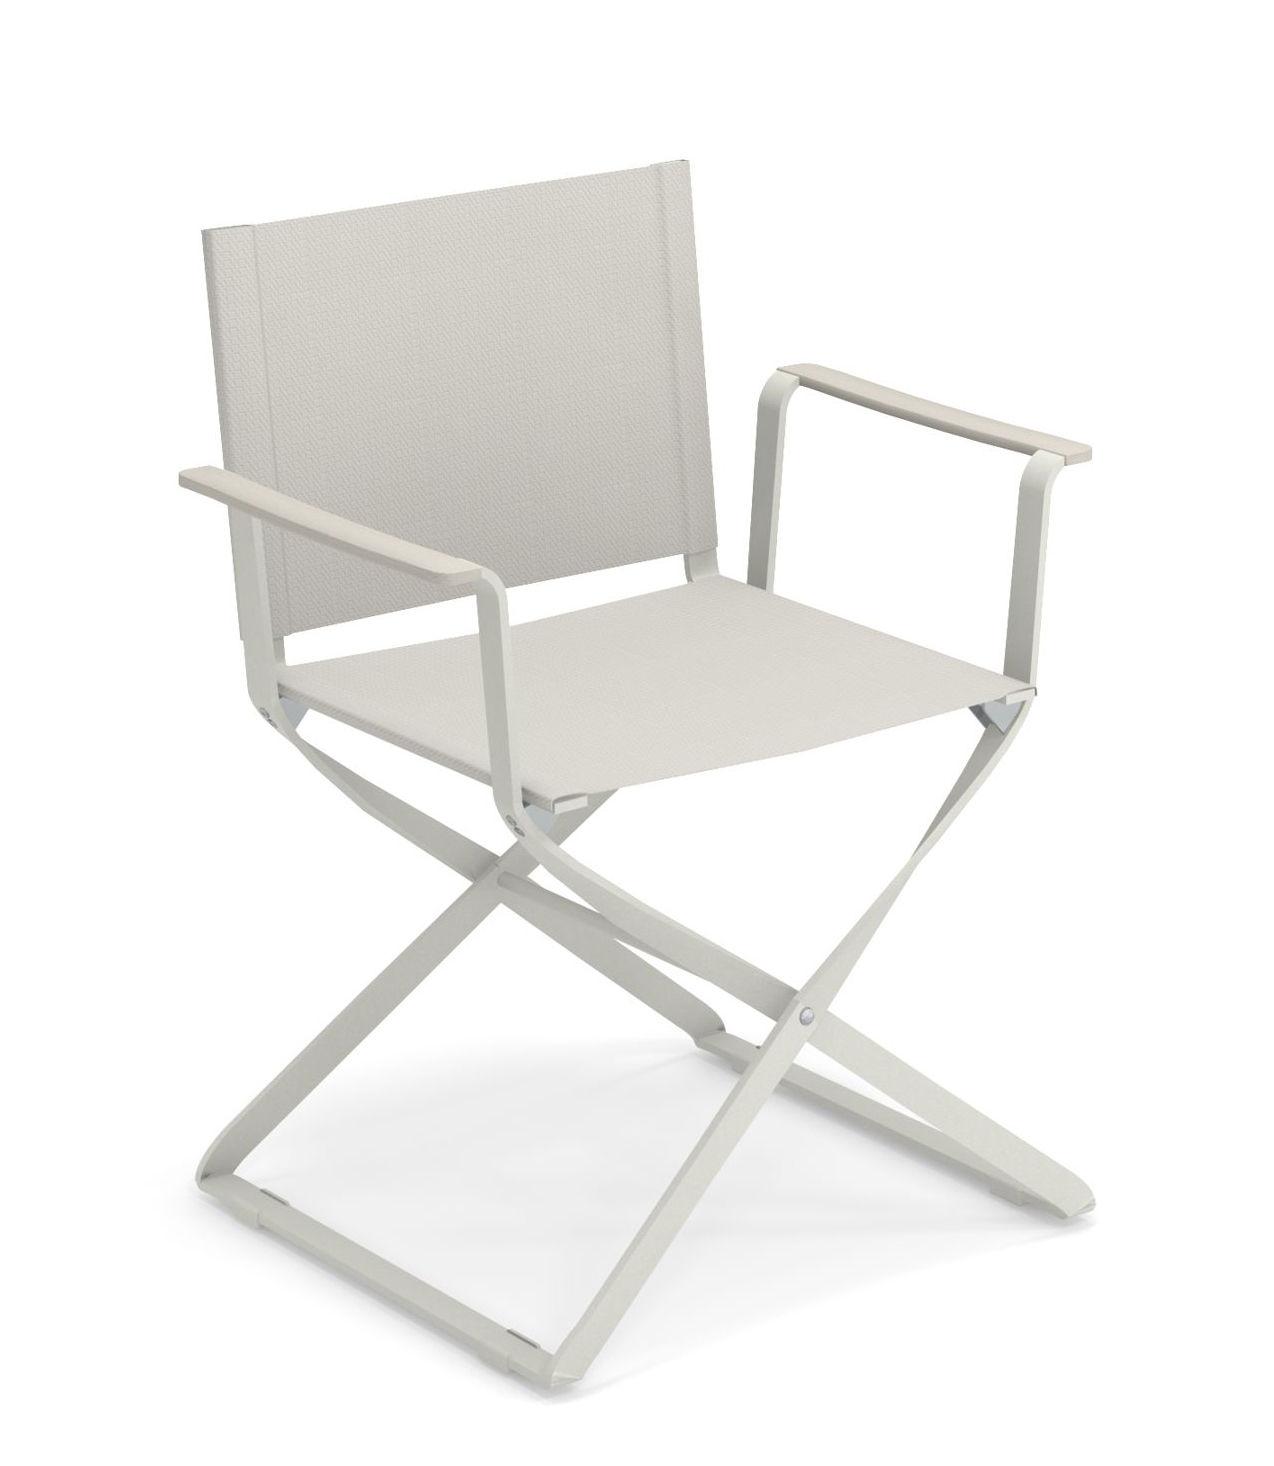 Möbel - Stühle  - Ciak Klappsessel / ABS-Armlehnen - Emu - Weiß - ABS, klarlackbeschichtetes Aluminium, Leinen